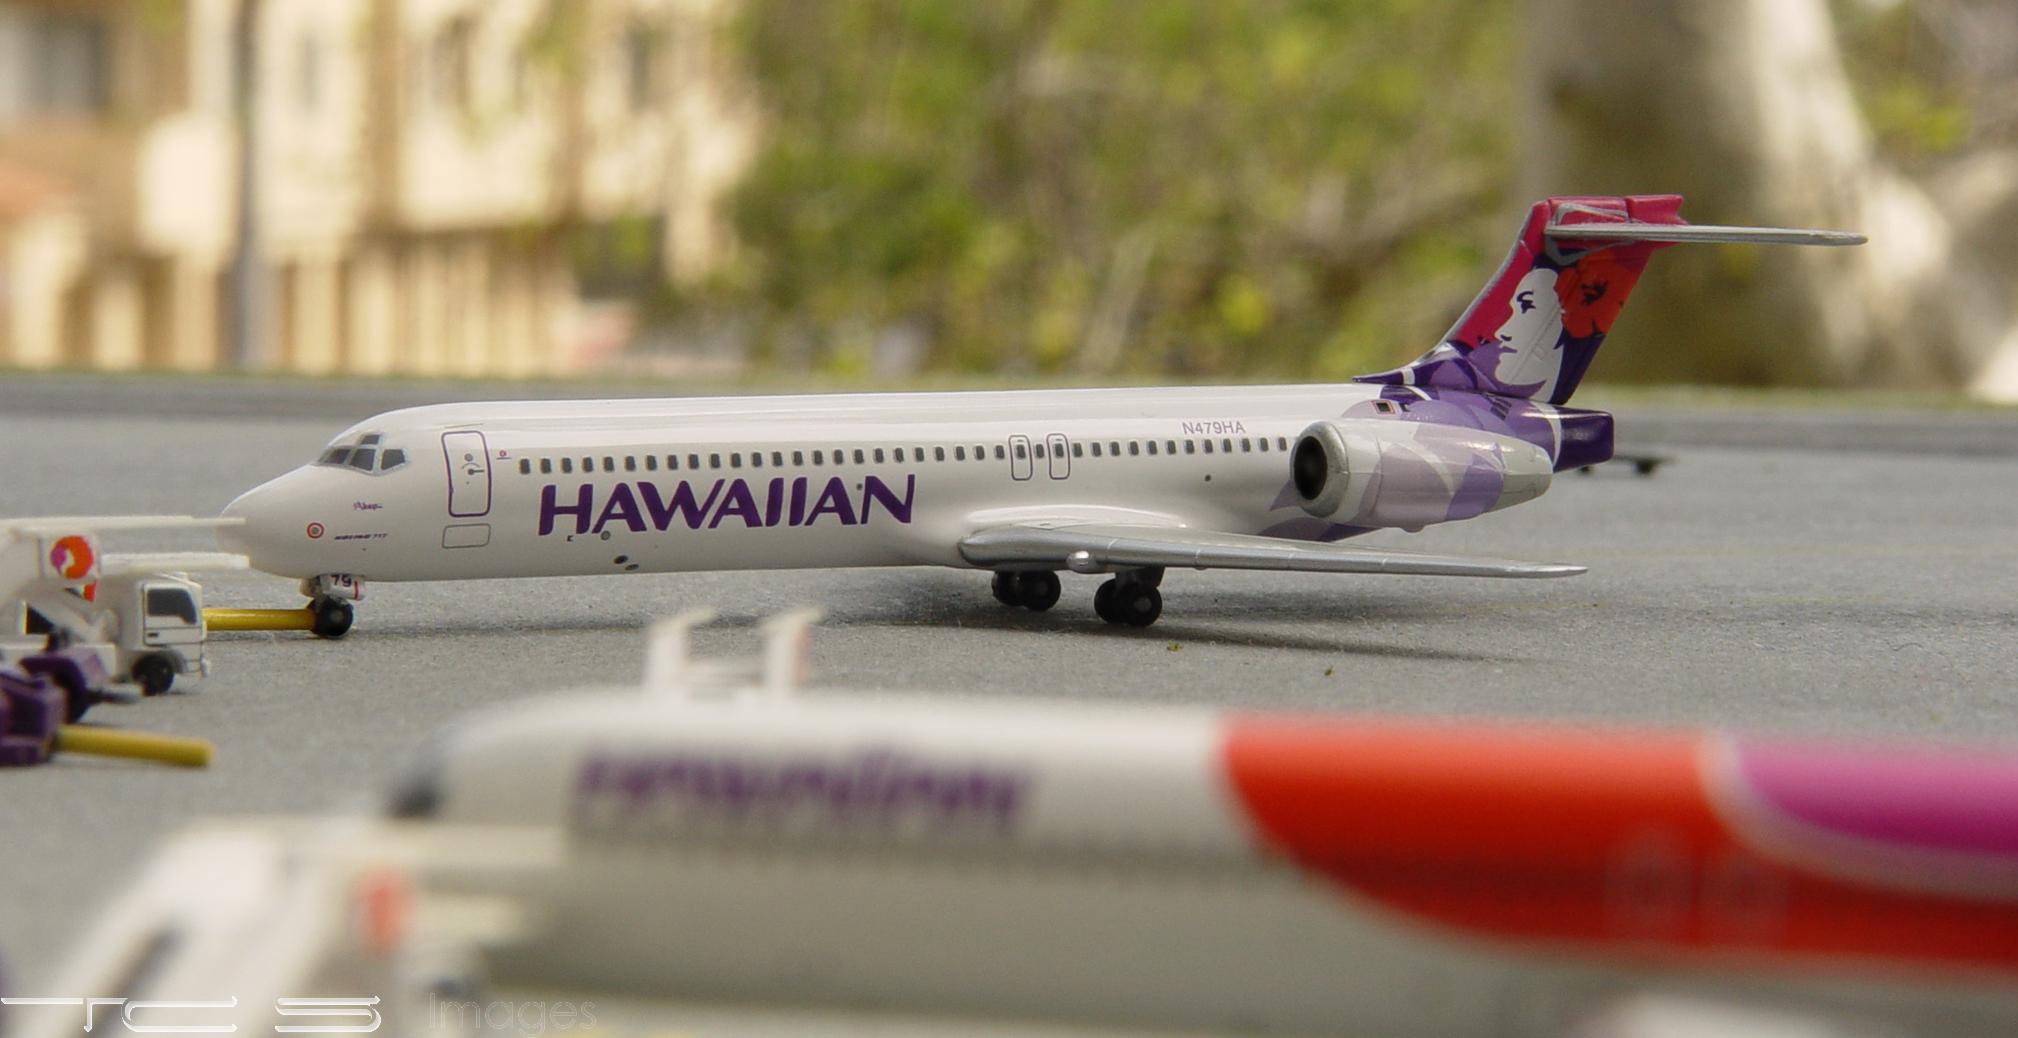 Hawaiian Airlines B717-200